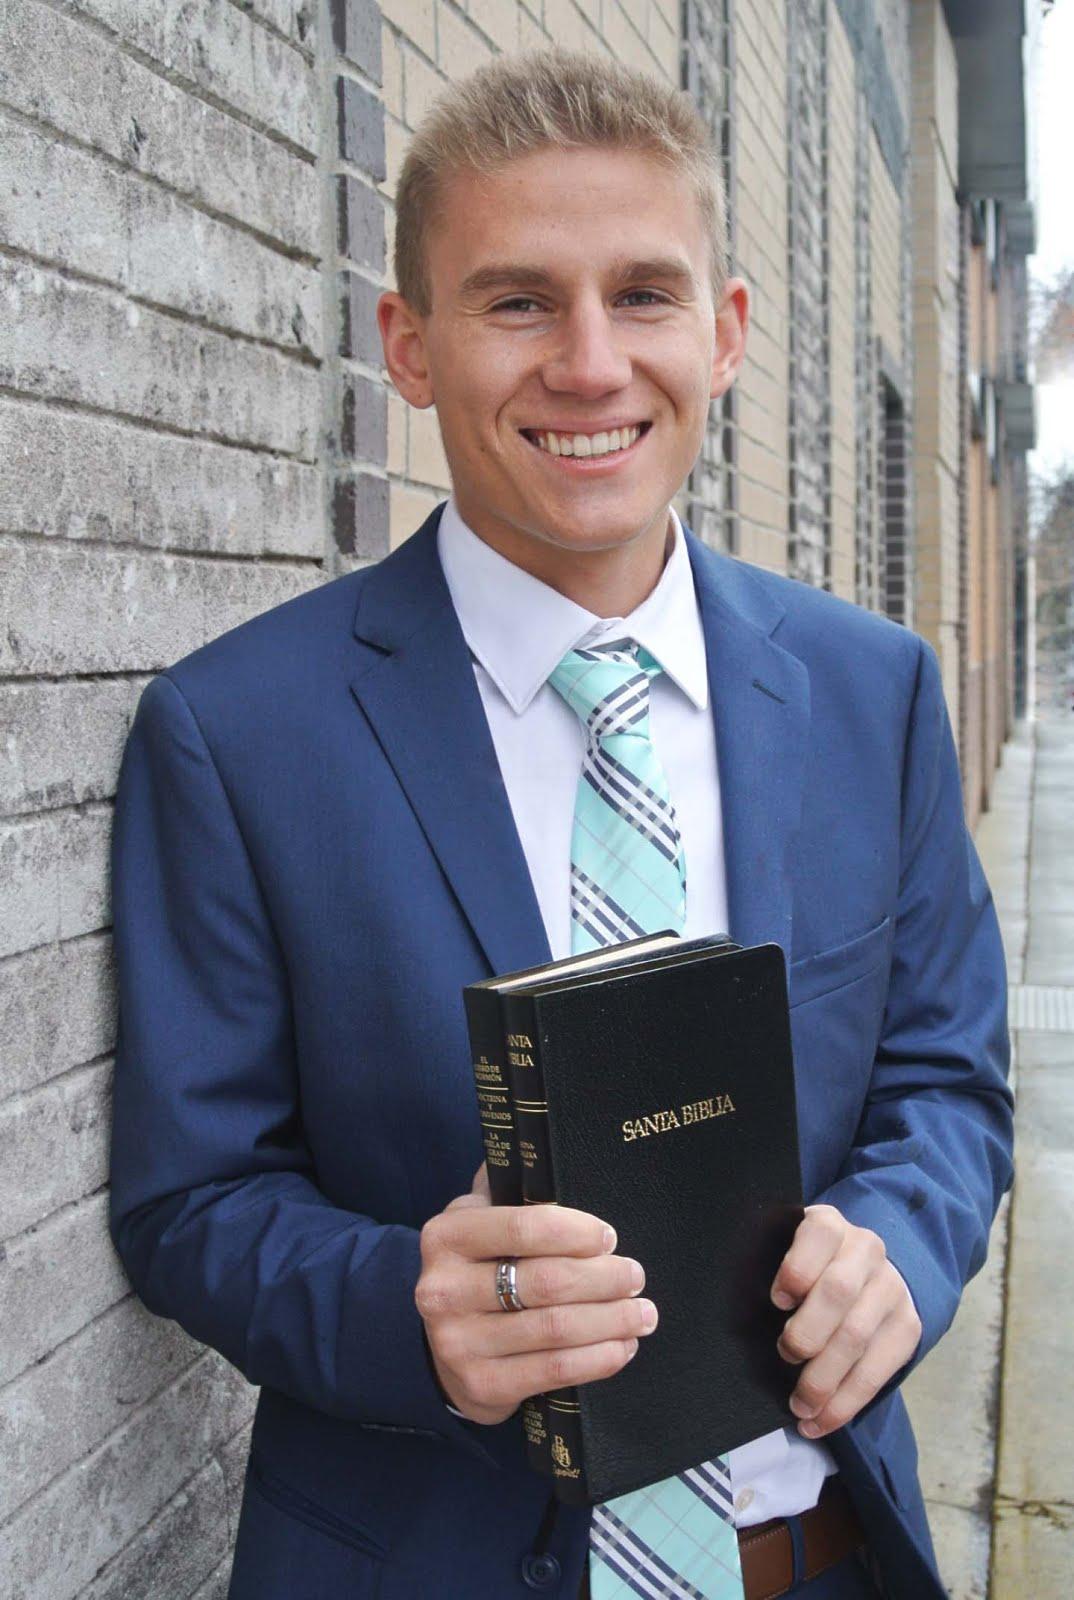 Elder Reese